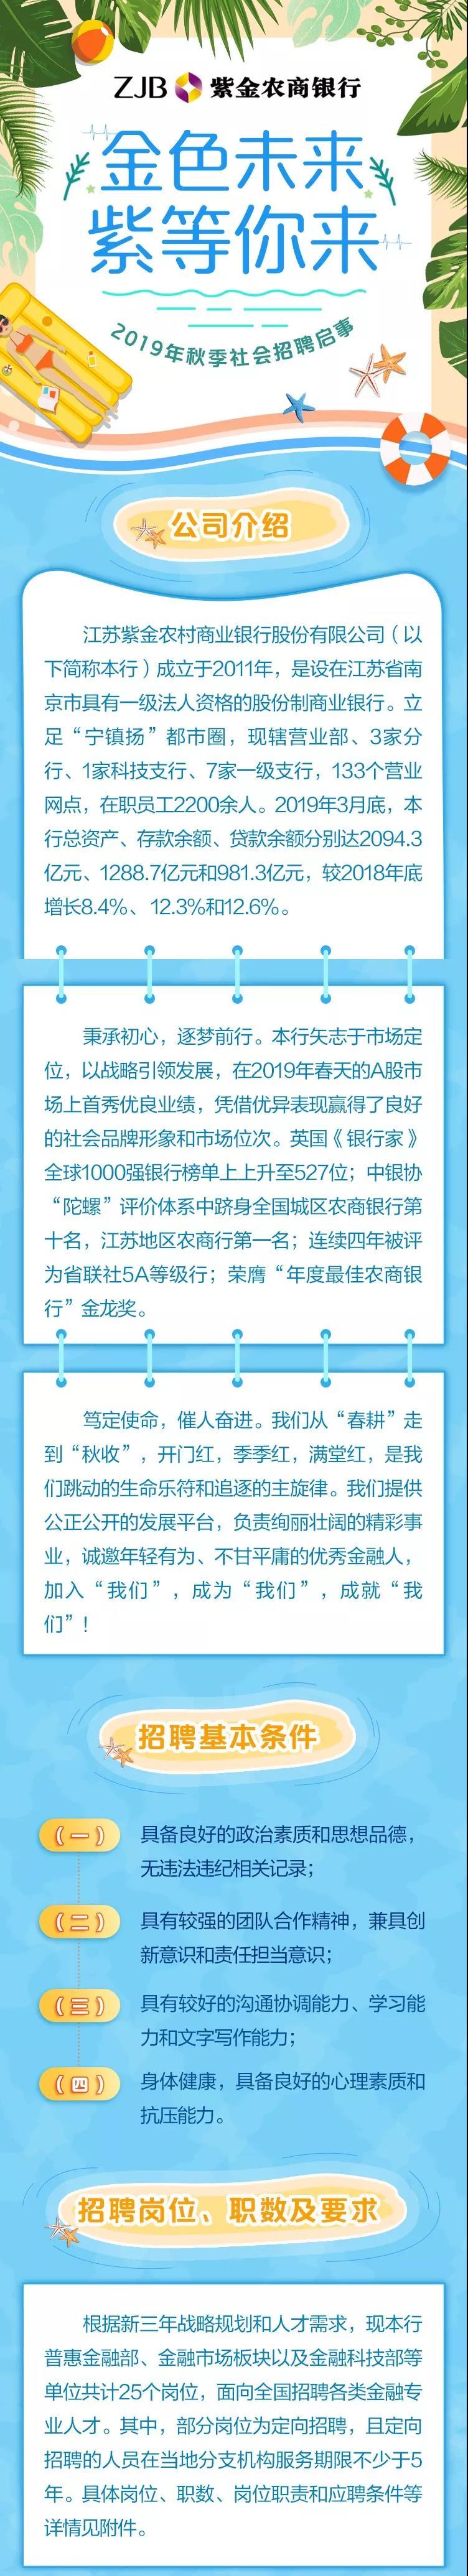 2019年紫金农商银行秋季社会招聘公告